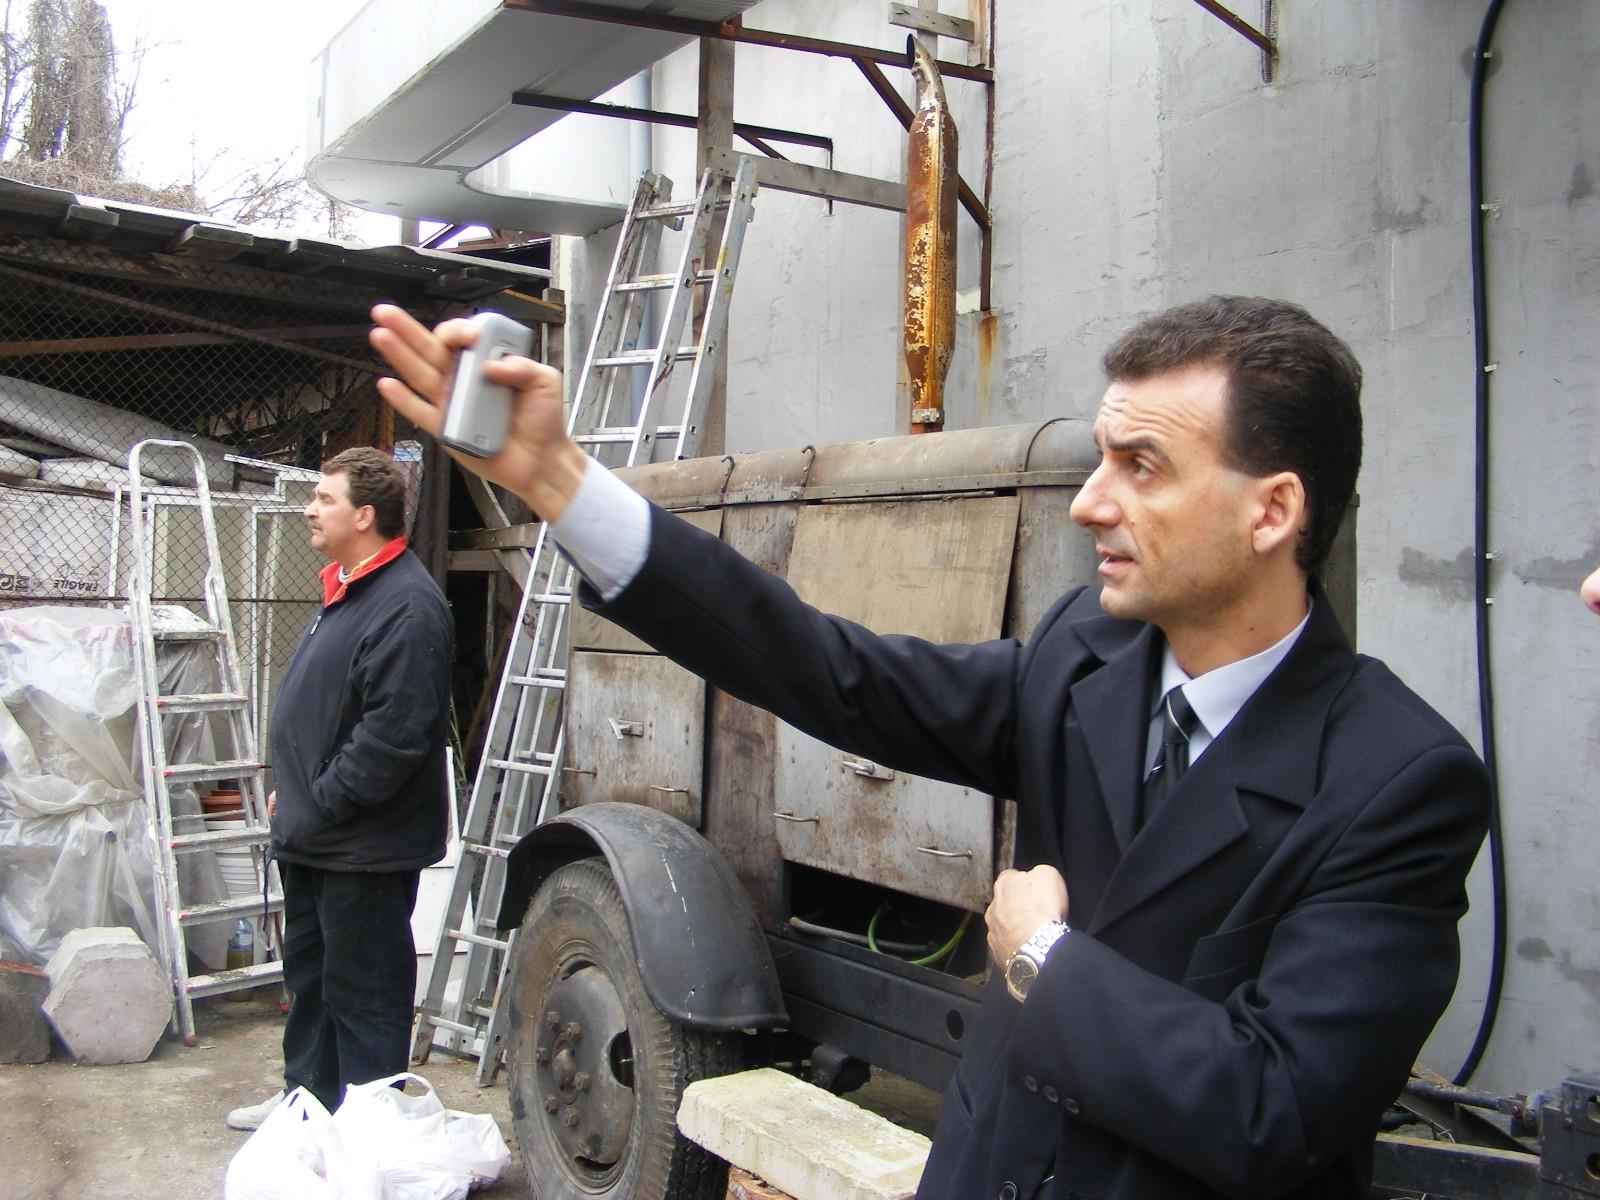 Mehedinți: Adrian Cican schimbă 3 consilieri locali din Orșova